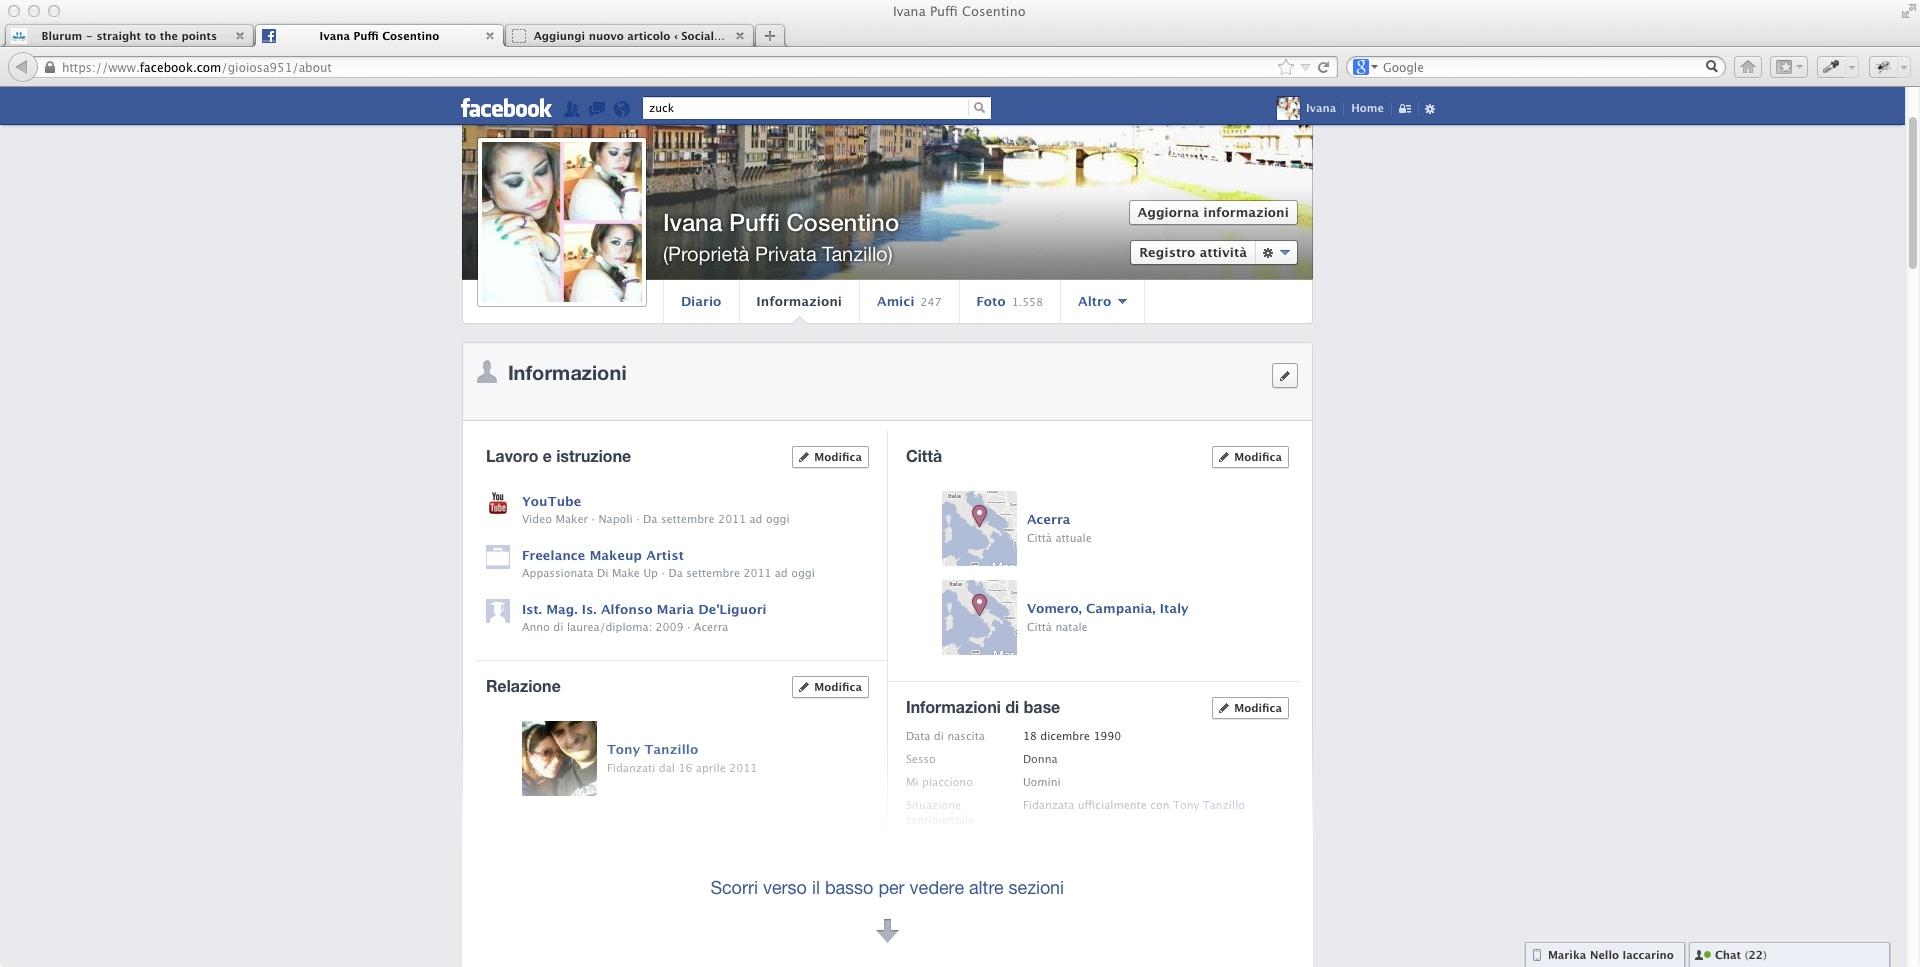 Profilo e interessi su Facebook